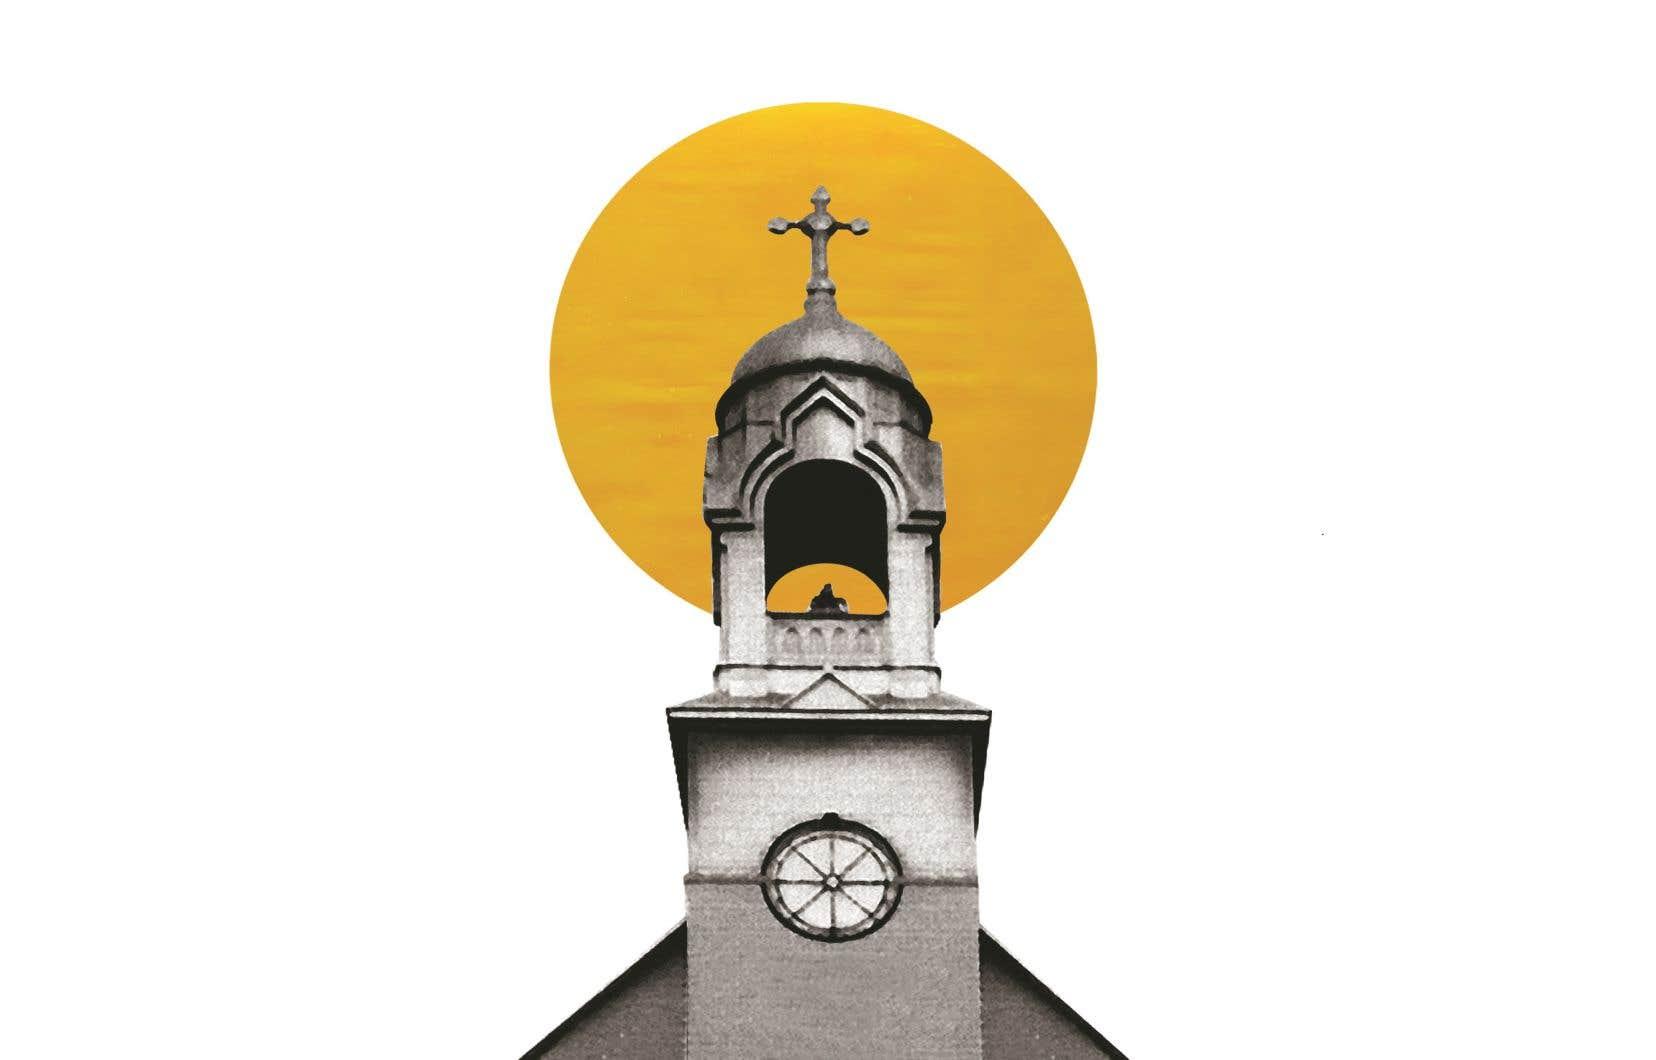 «J'ai l'impression quenous assistons à l'érection de beaucoup d'Églises de pensées, aux préceptes à la fois mouvants, élastiques et paradoxalement stricts et de plus en plus intransigeants».